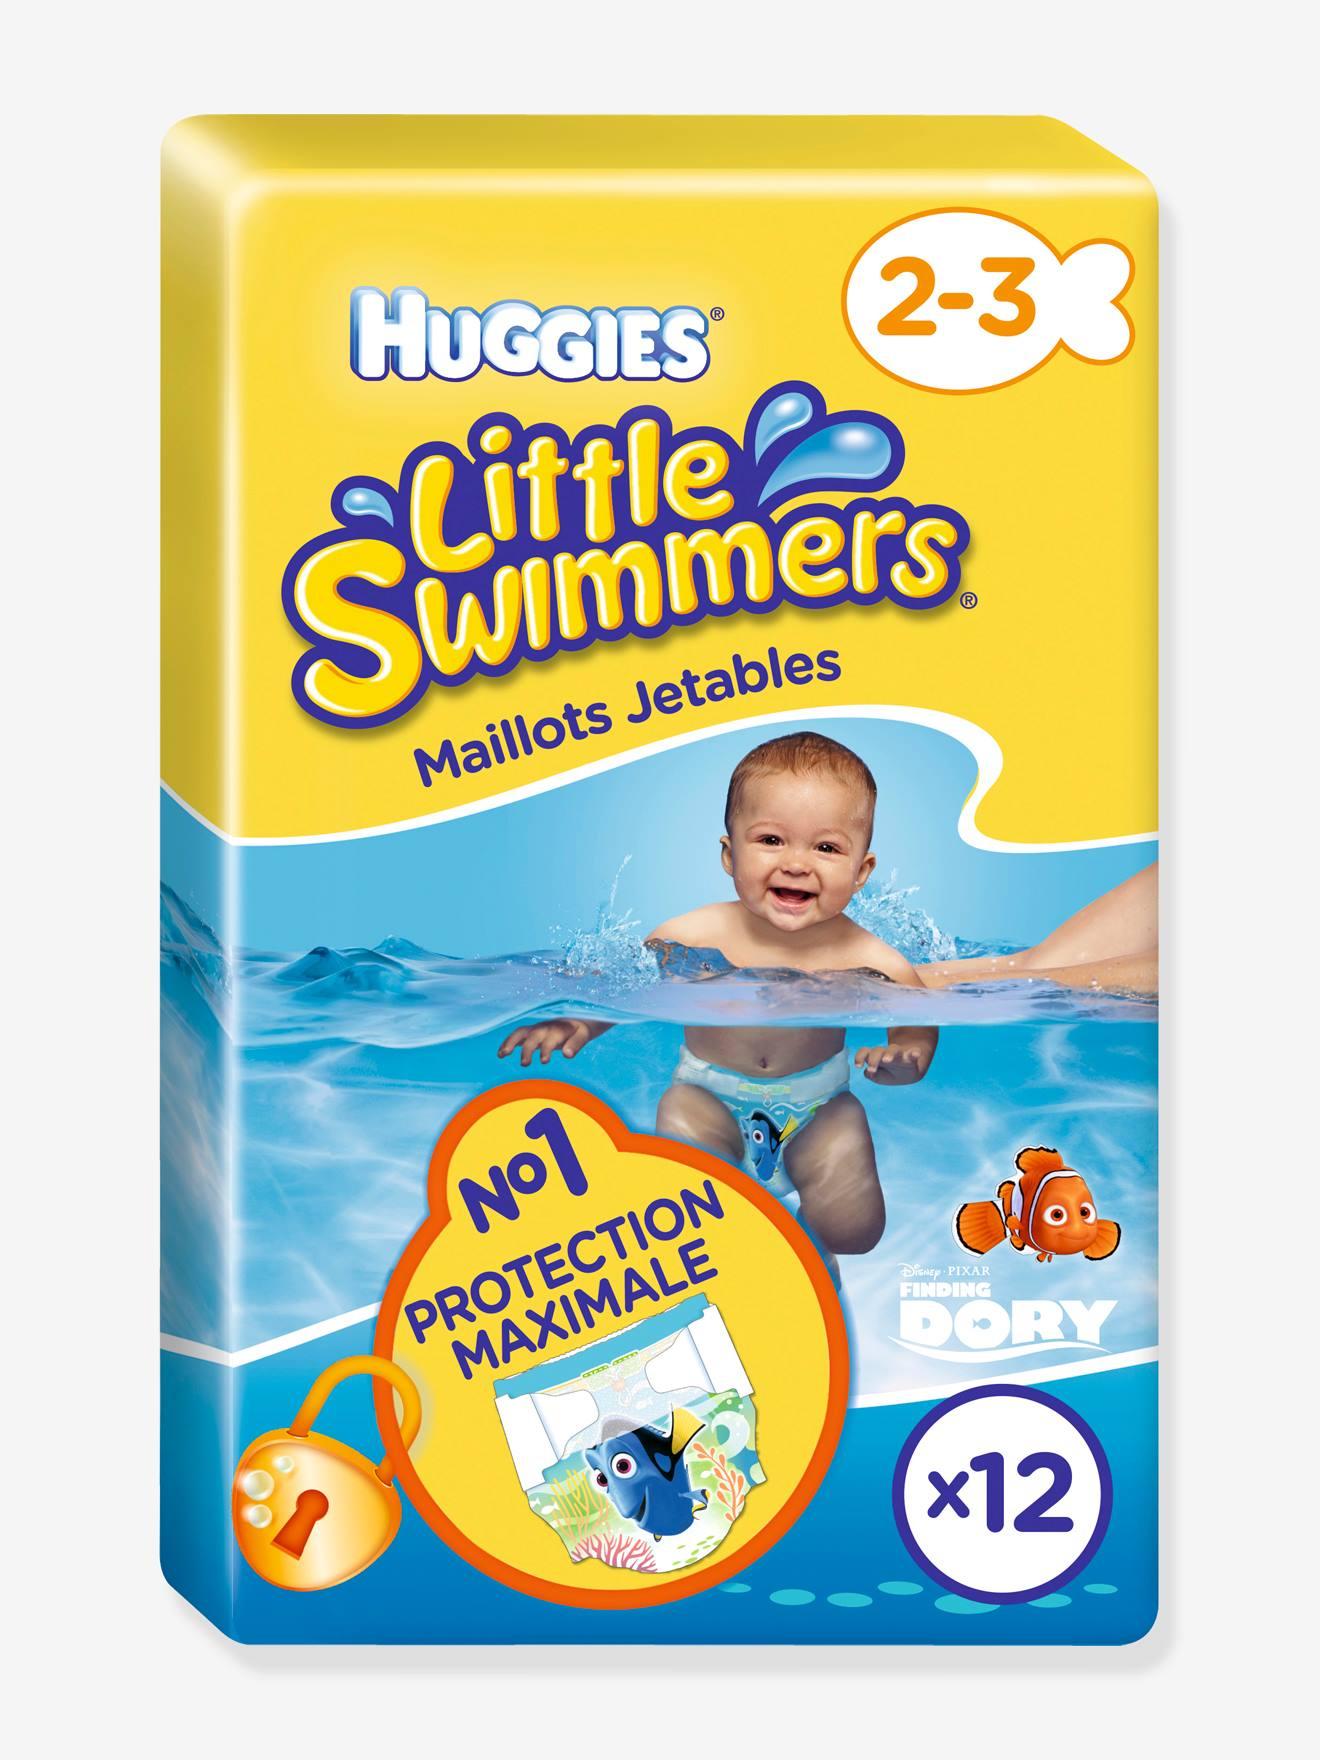 Couche De Piscine Jetable Huggies Little Swimmers, Taille 2-3, Lot De 12 -  Dory avec Couche Piscine Jetable